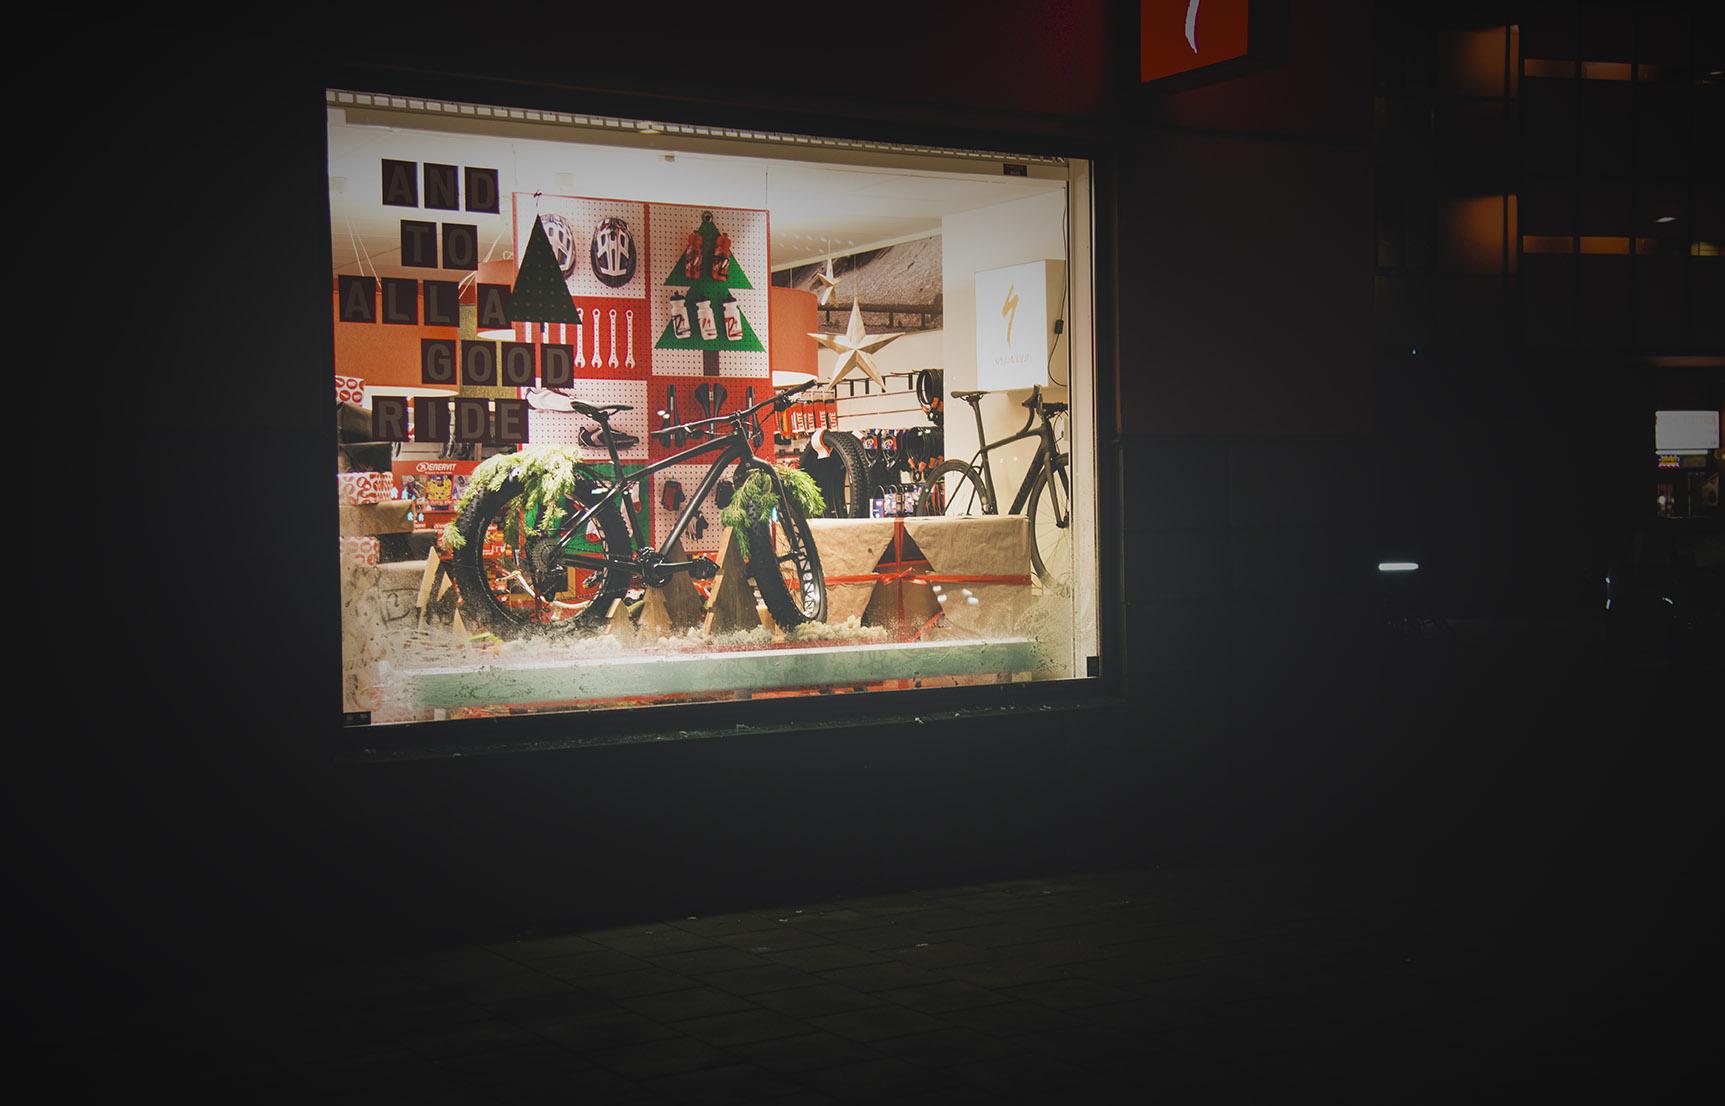 scs-julskyltning-13 kopiera